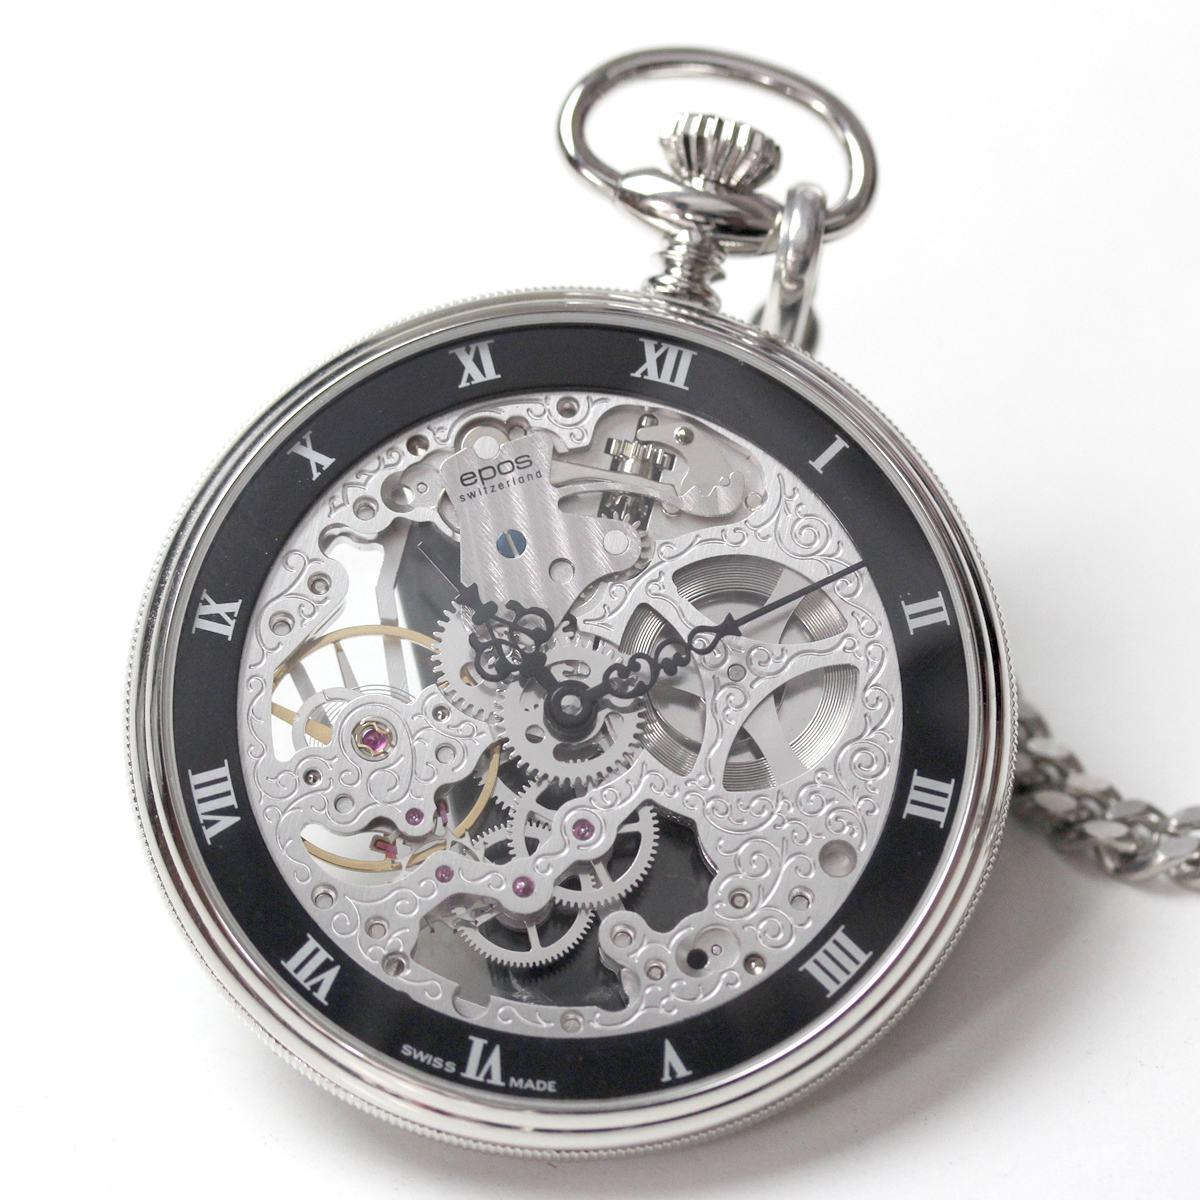 エポス 懐中時計 2089